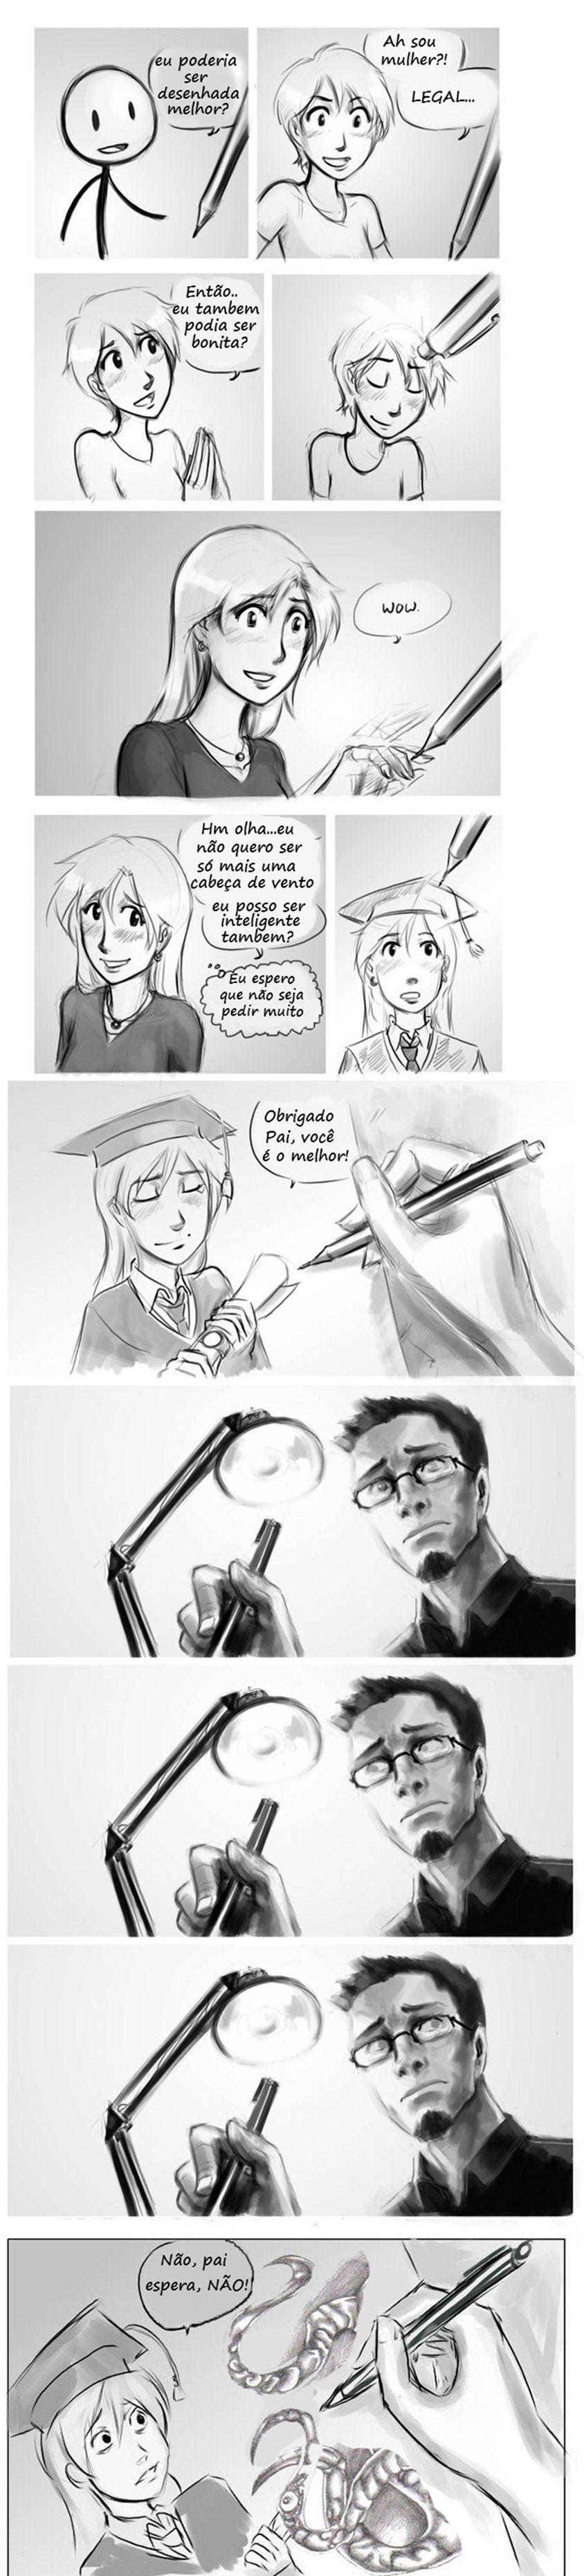 Nunca-confie-em-um-desenhista